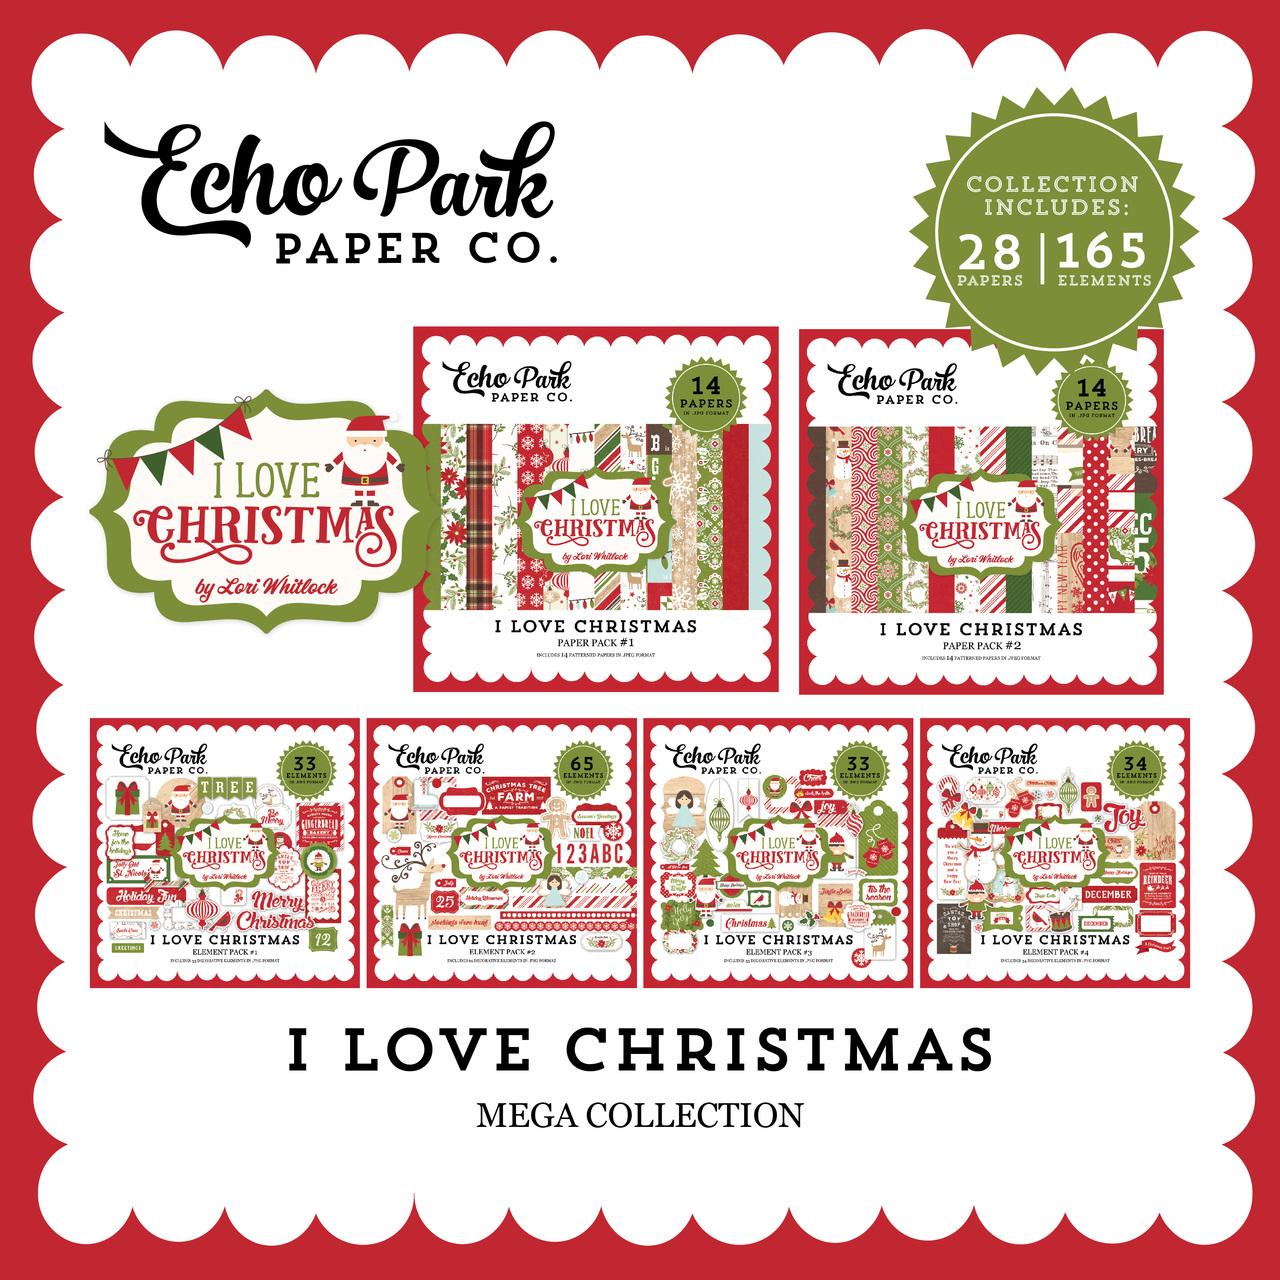 I Love Christmas Mega Collection